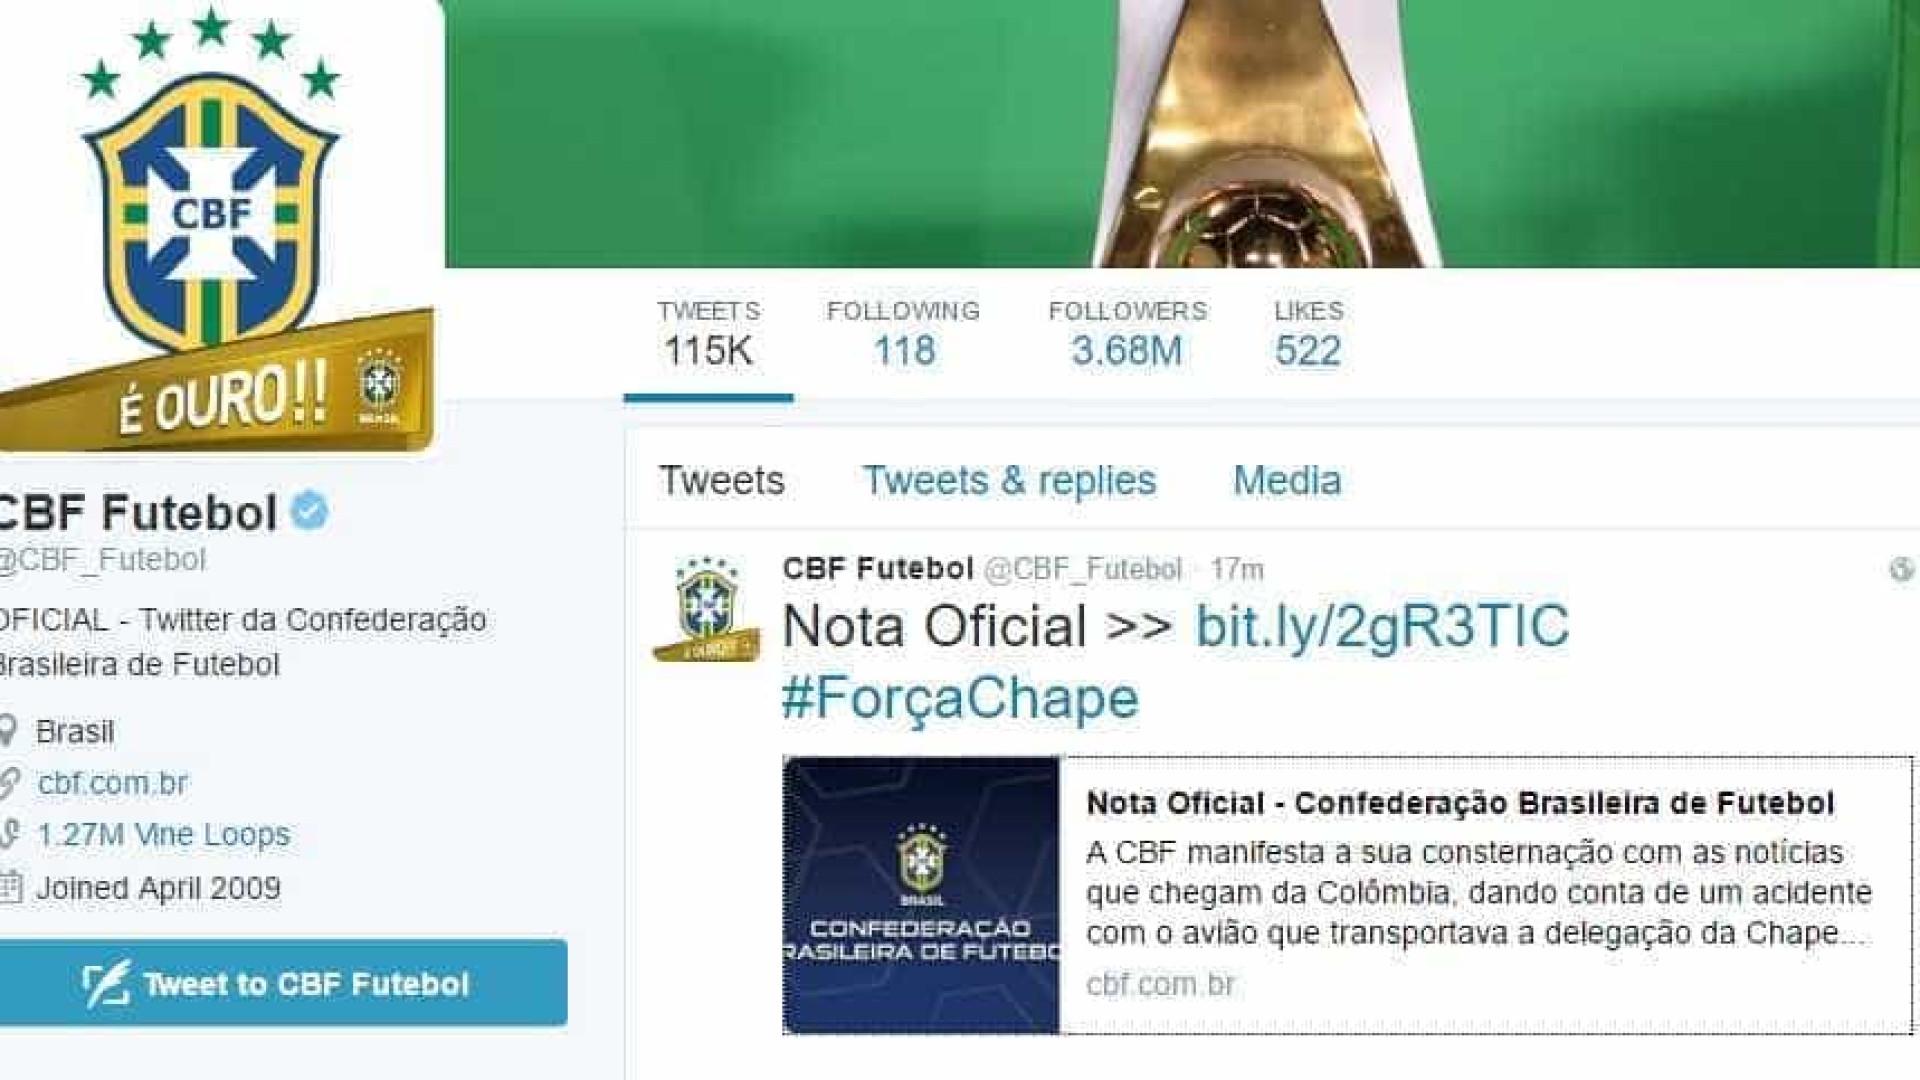 Clubes se solidarizam após tragédia com equipe da Chapecoense